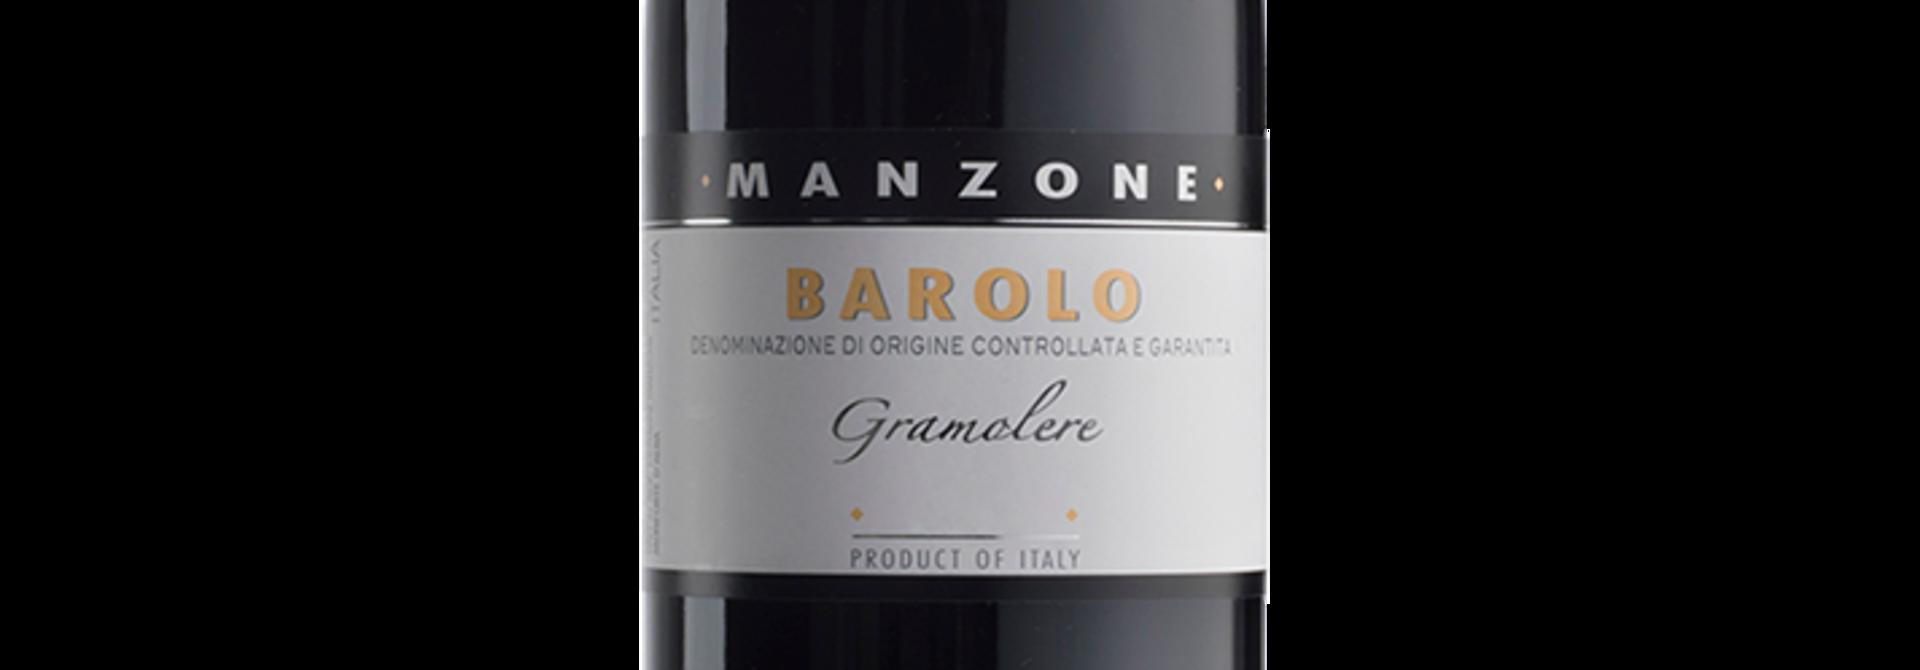 Barolo Gramolere 2010, Giavanni Manzone